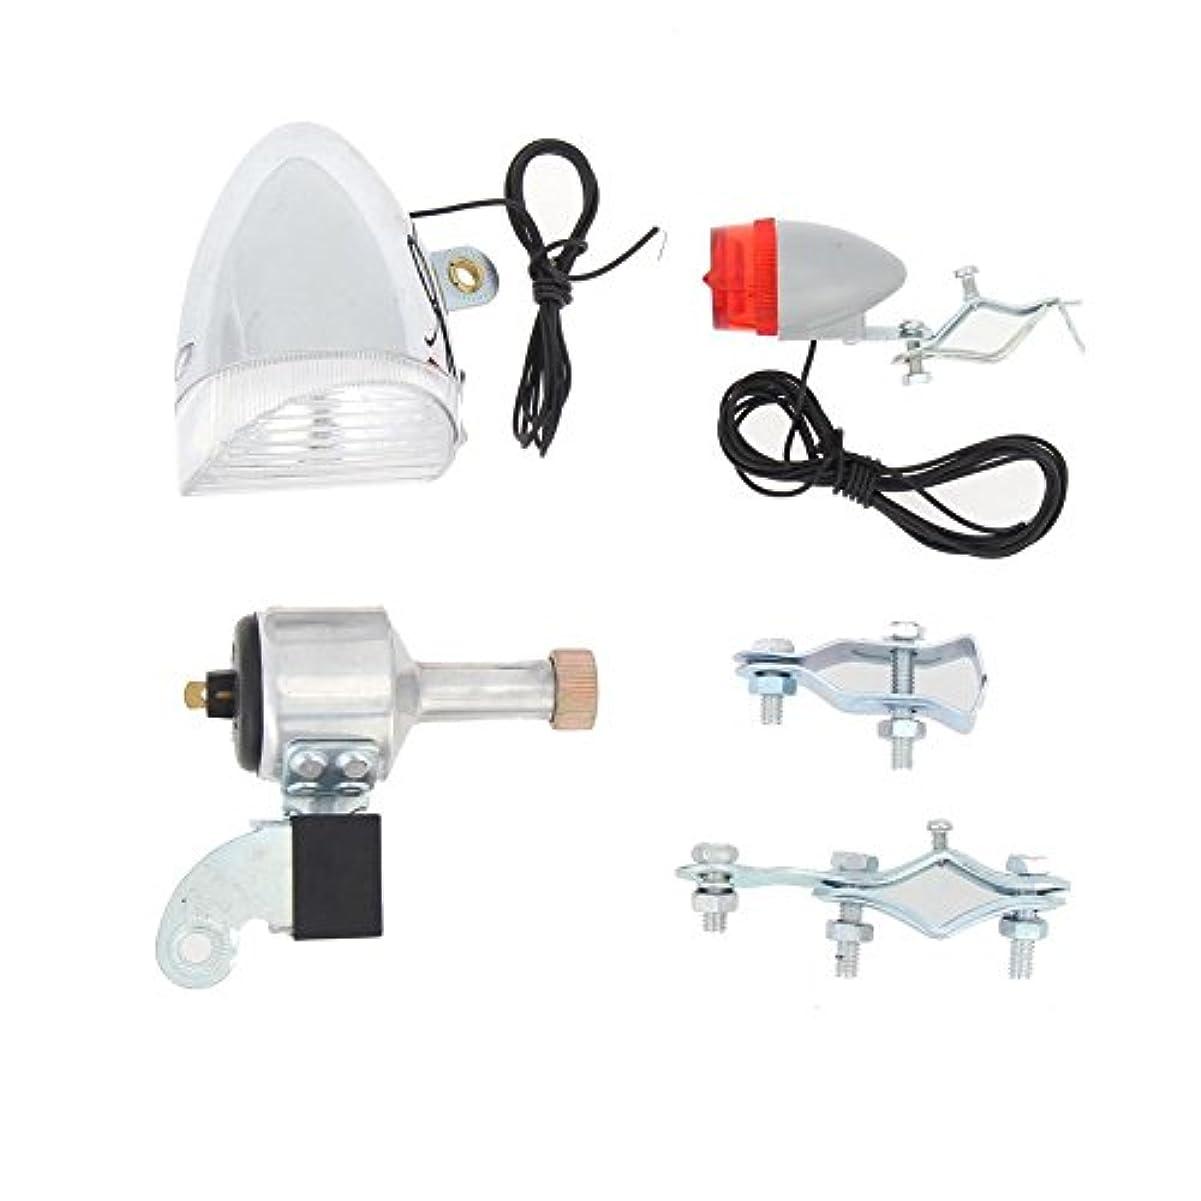 孤独な息を切らしてペイントK-outdoor ヘッドライト テールライト セット 自転車ランプ 懐中電灯 アウトドア 警告灯 装飾ランプ